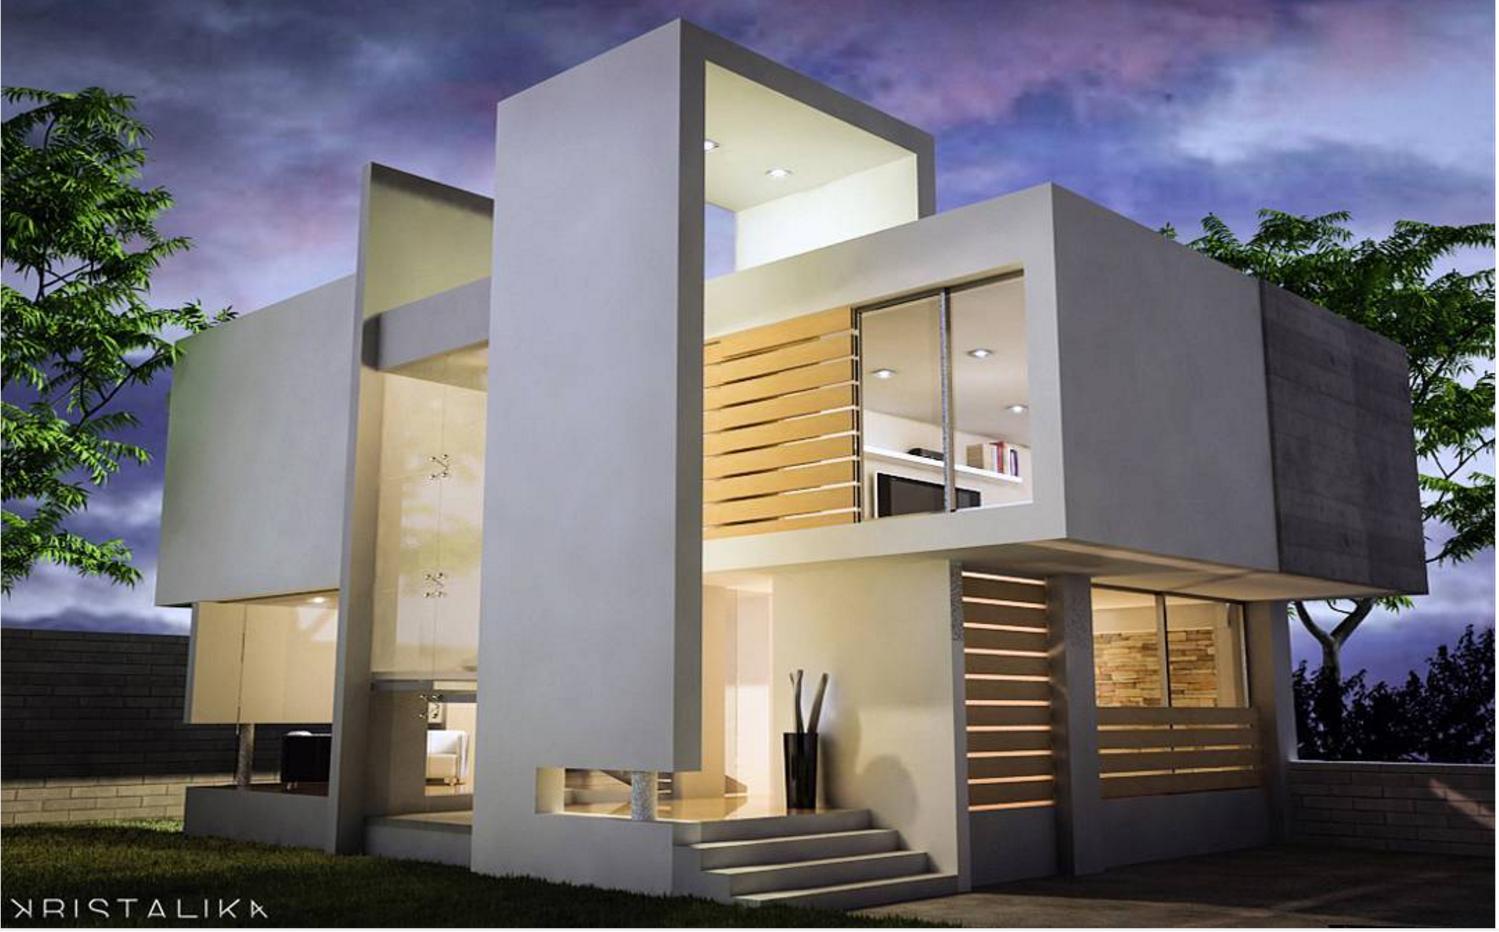 101 planos de casas vivienda con un dise o conceptual for Vivienda minimalista planos